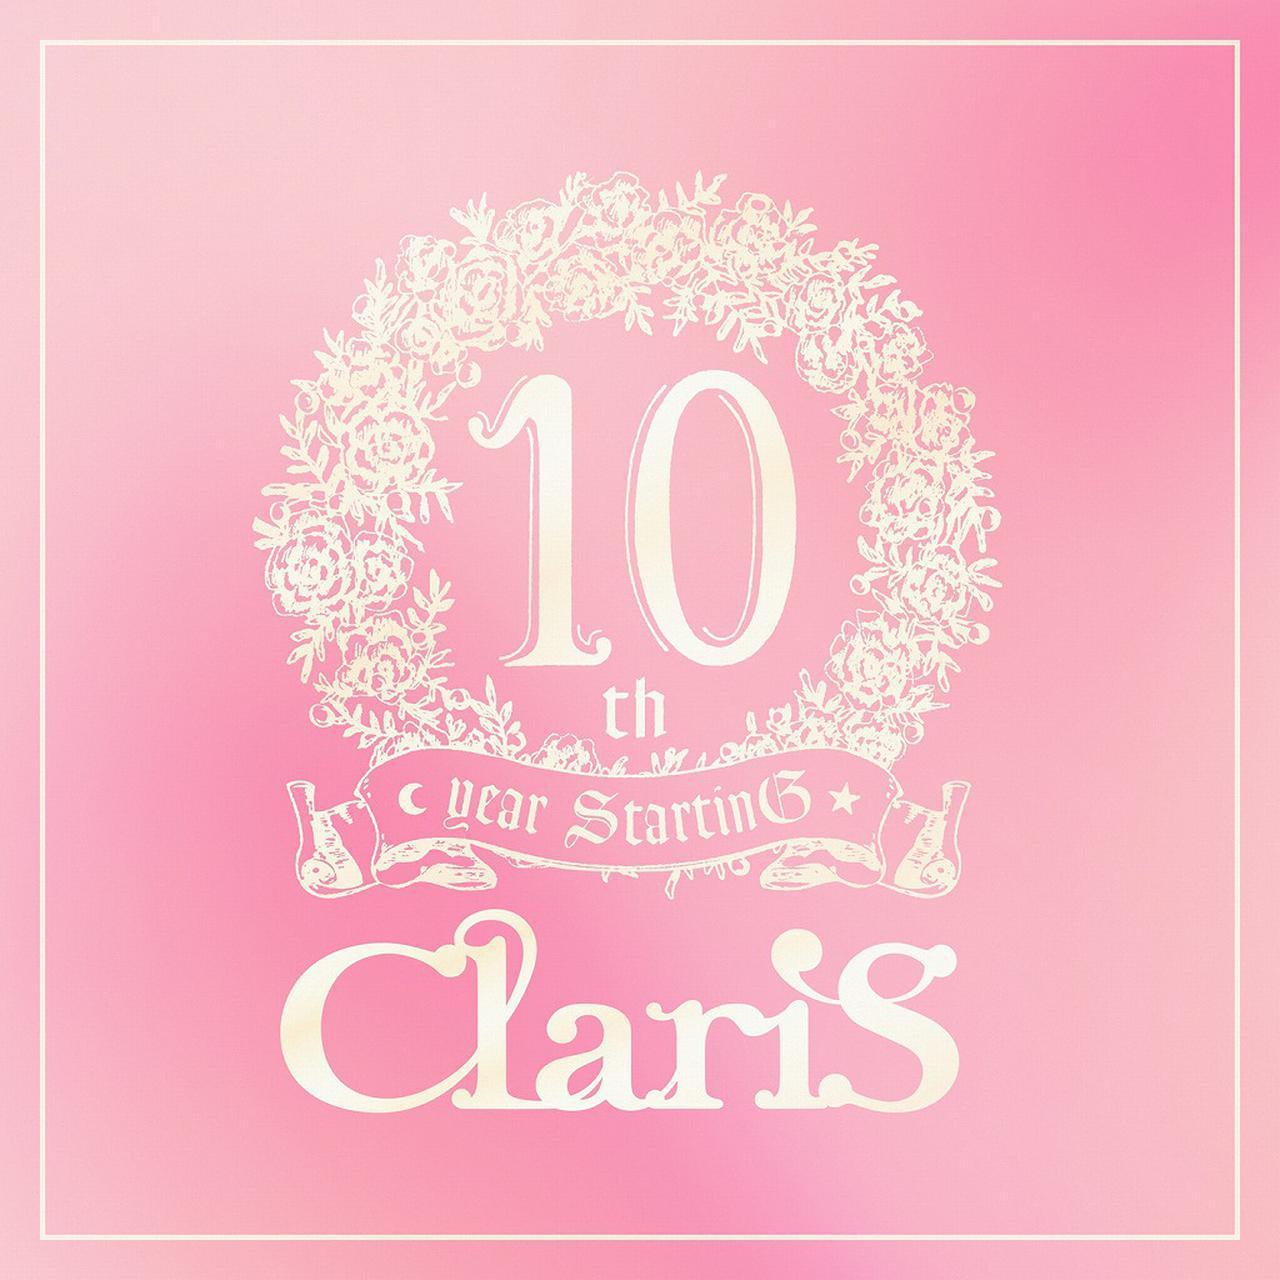 画像: ClariS 10th year StartinG 仮面(ペルソナ)の塔 - #2 パスト (いきさつ)/ClariS